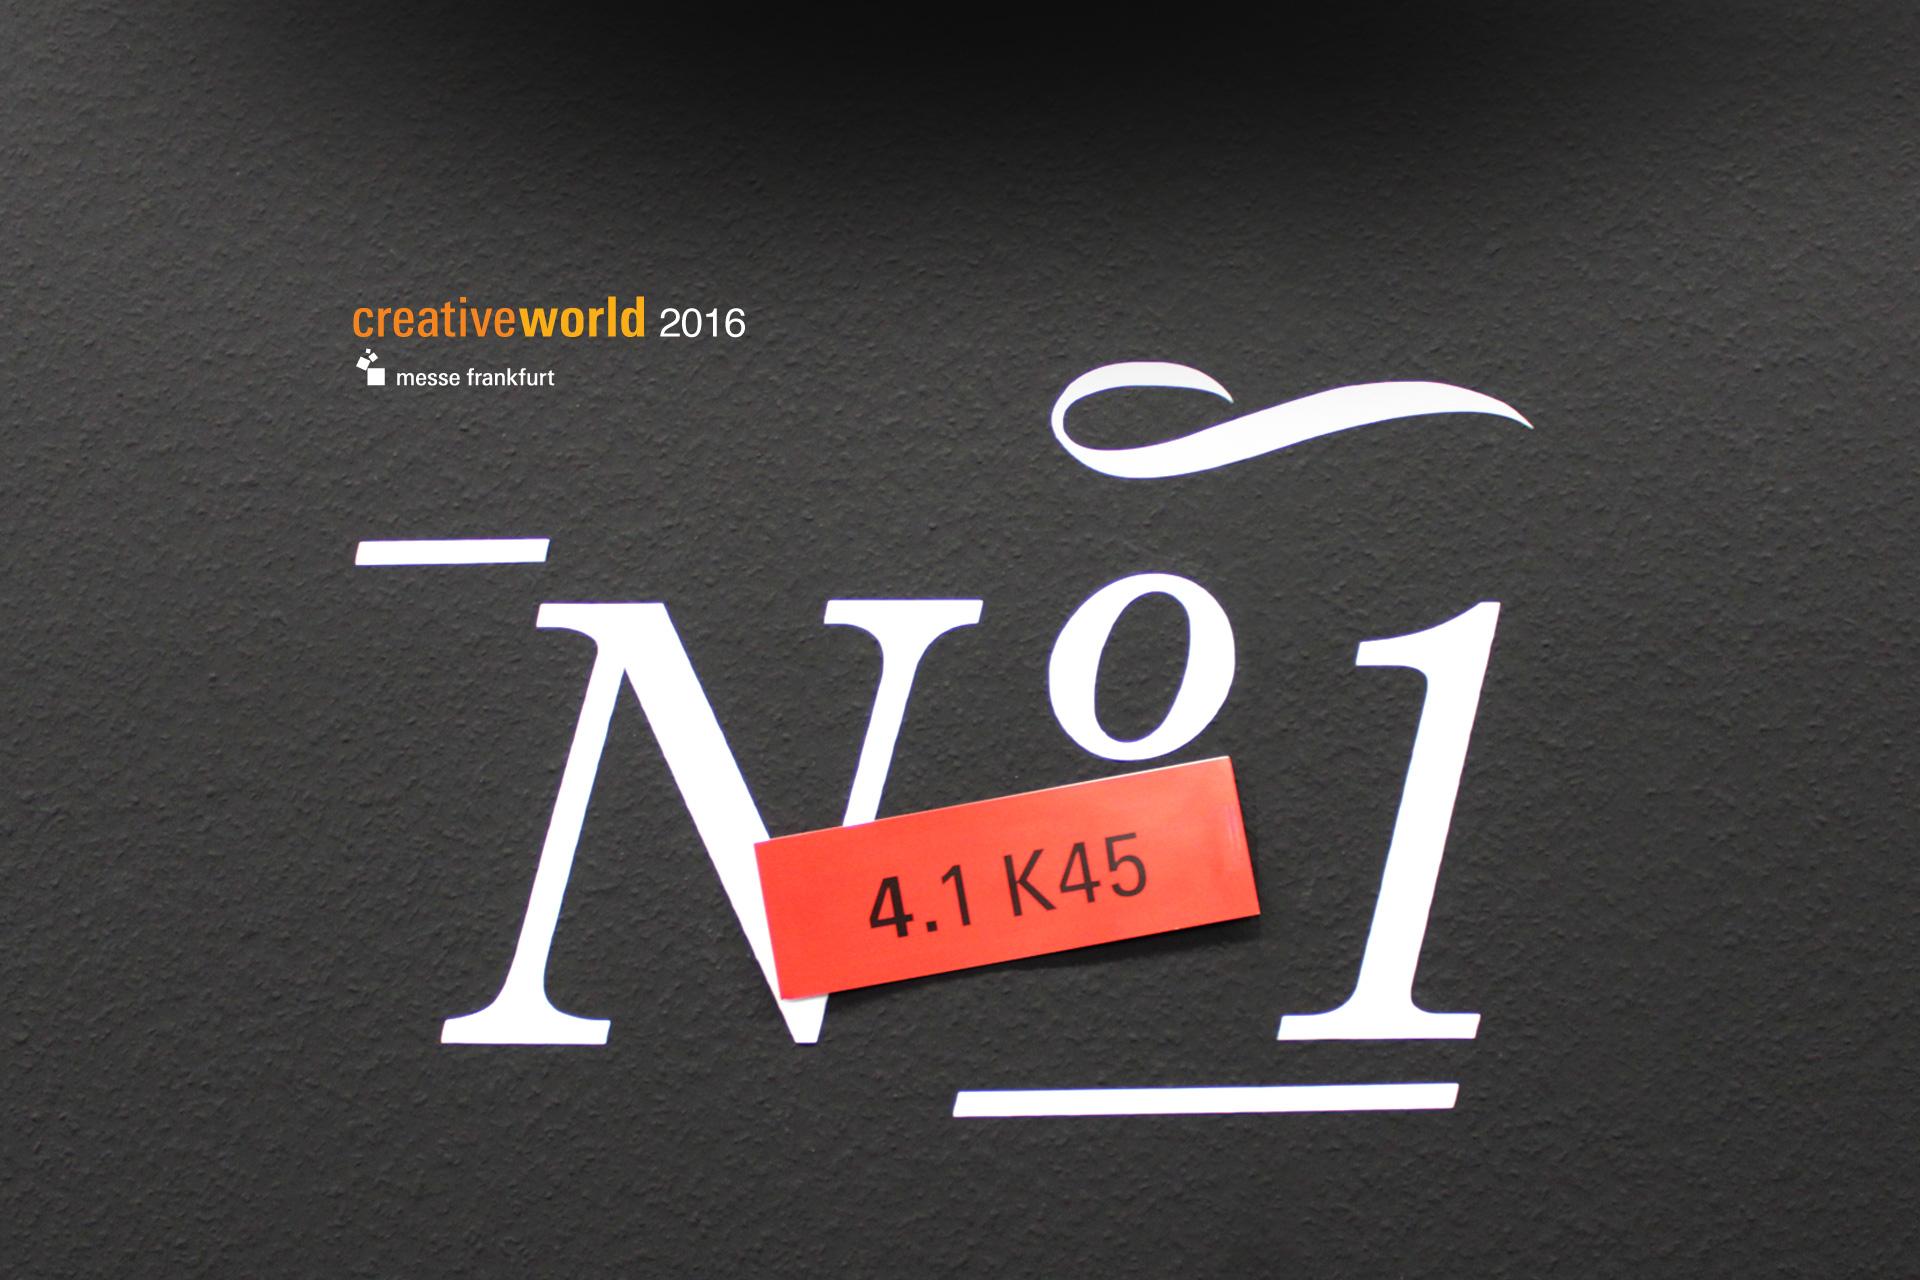 N1 Creativeworld 2016